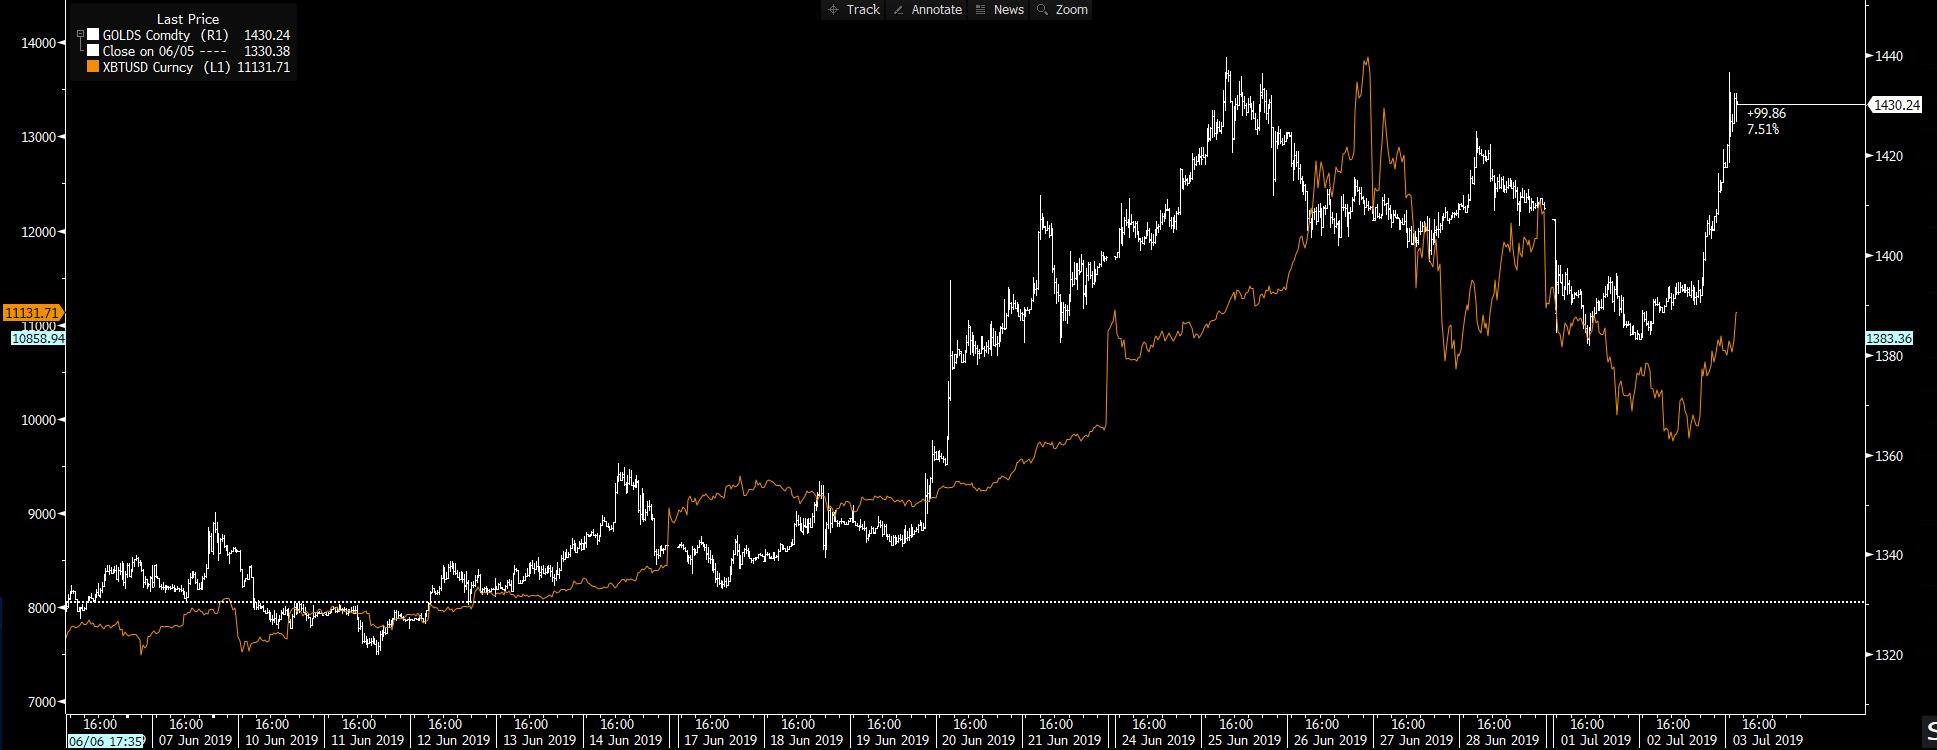 Bitcoin - orange line; gold - white line.